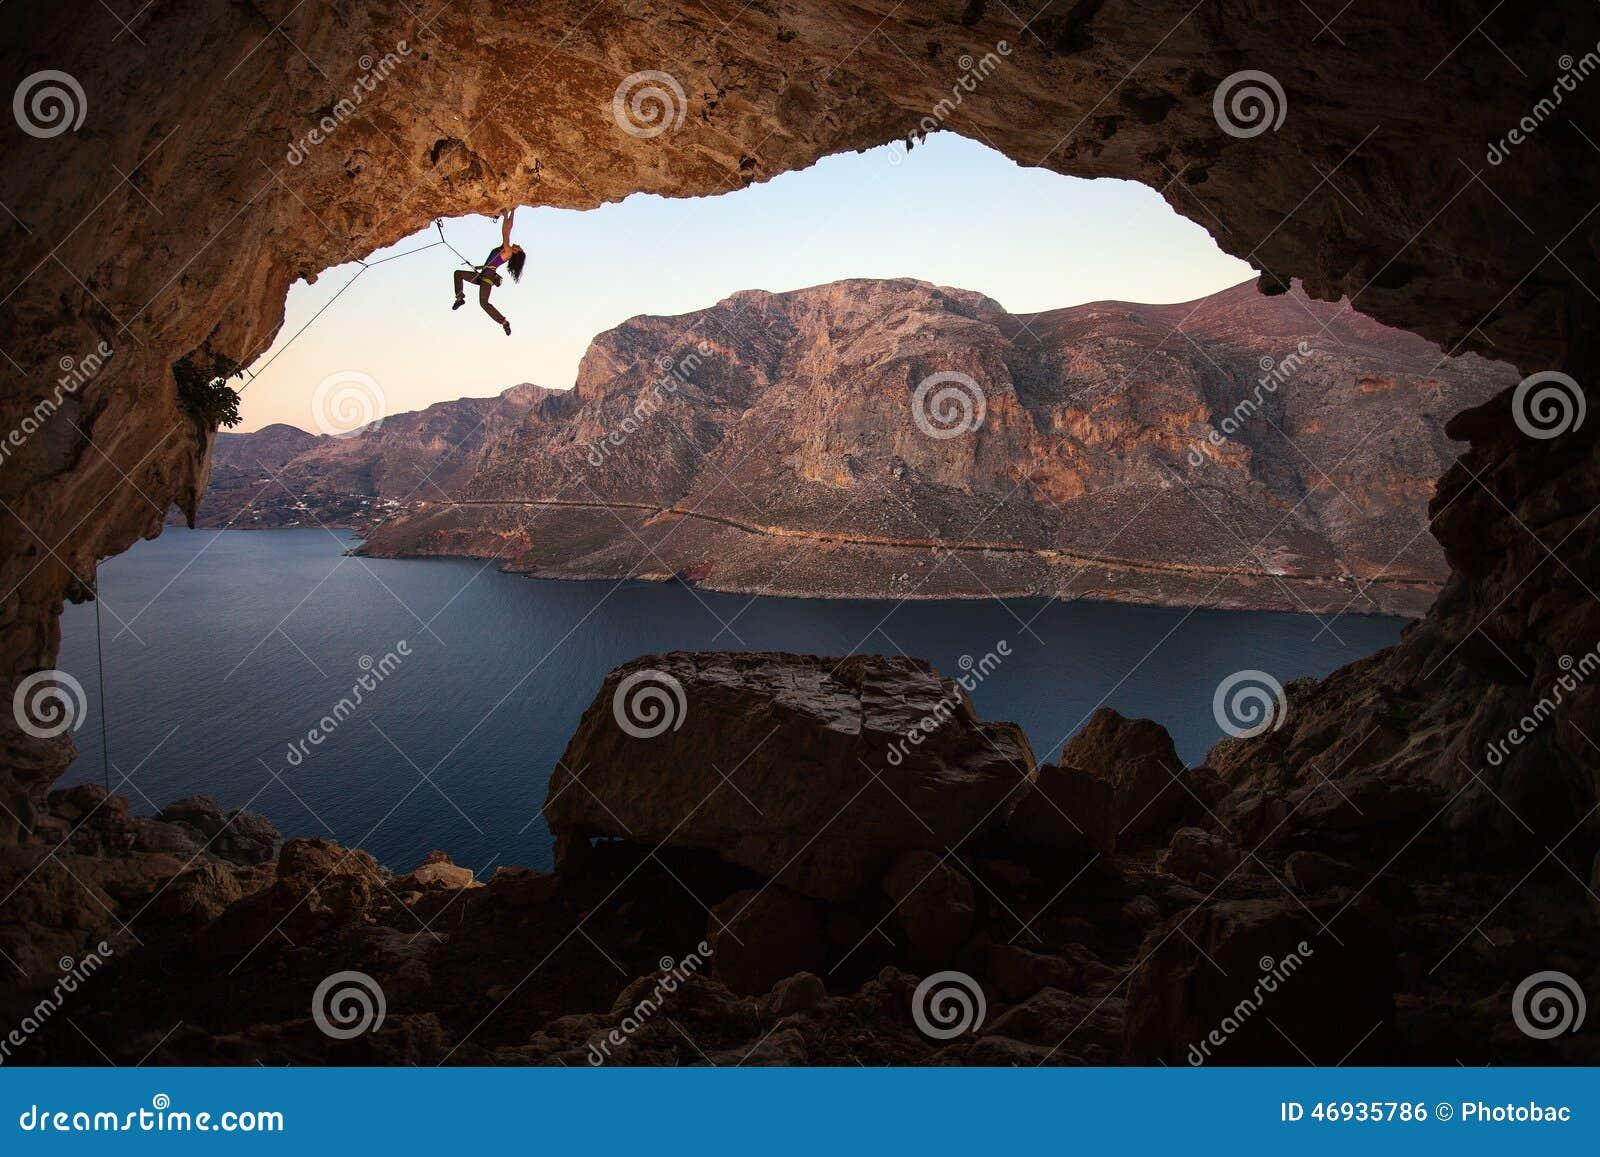 Silhouet van vrouwelijke rotsklimmer op klip in hol